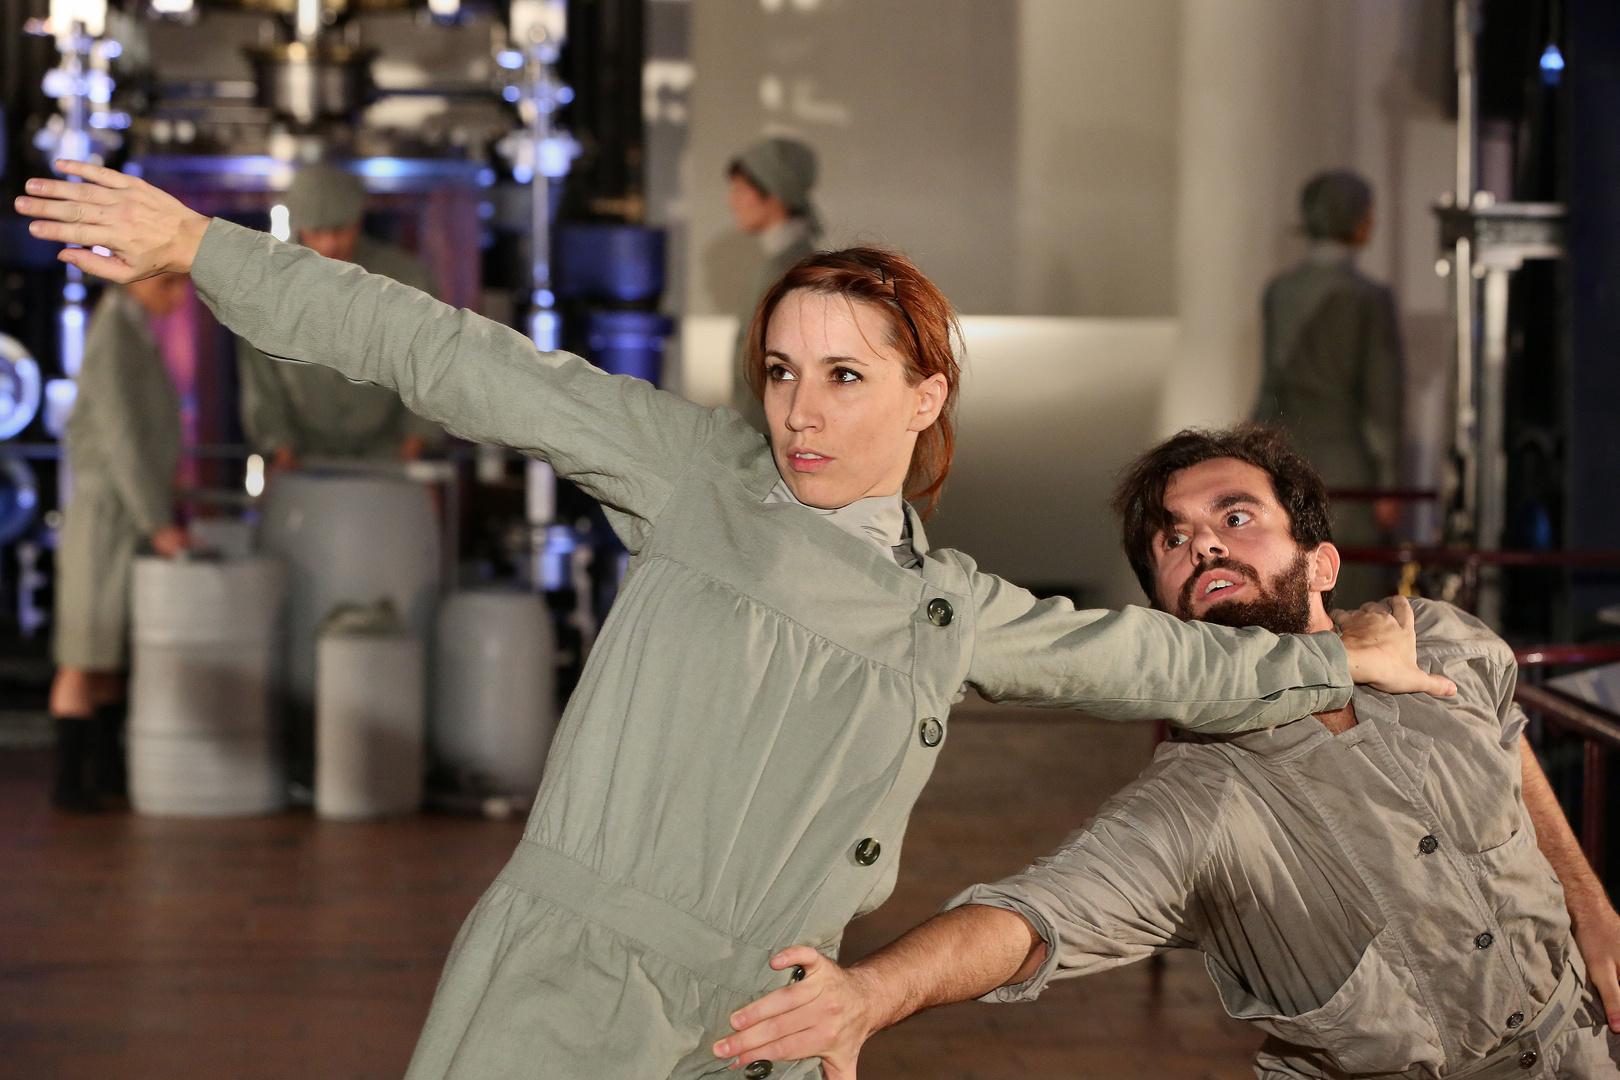 Tanz - bewegte Körper und Maschine - 3 -